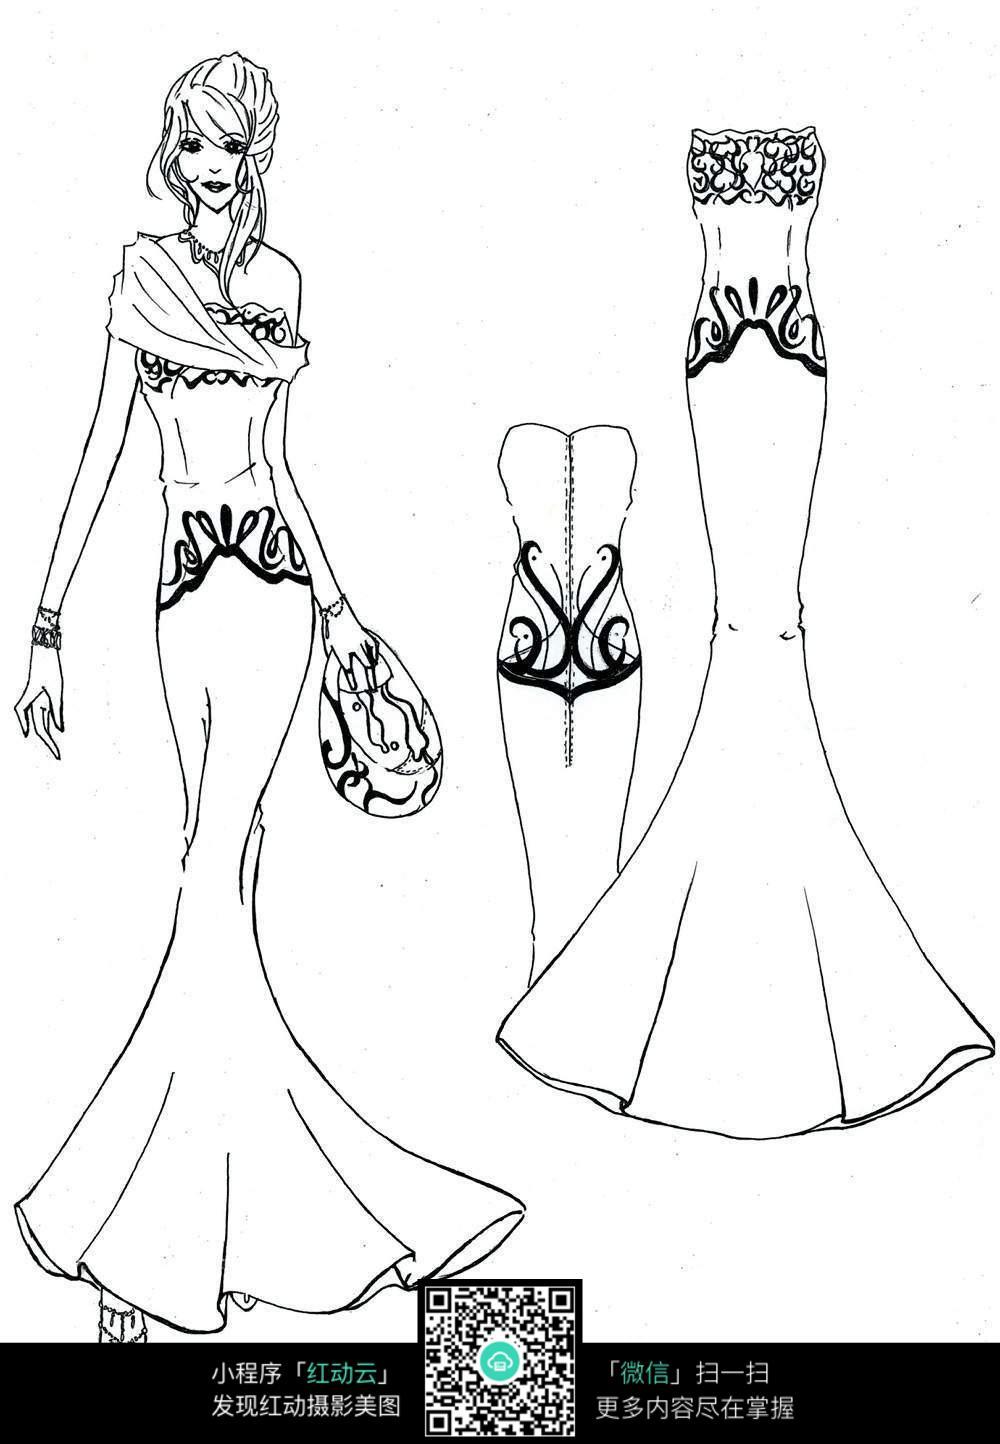 服装及人物时装手绘